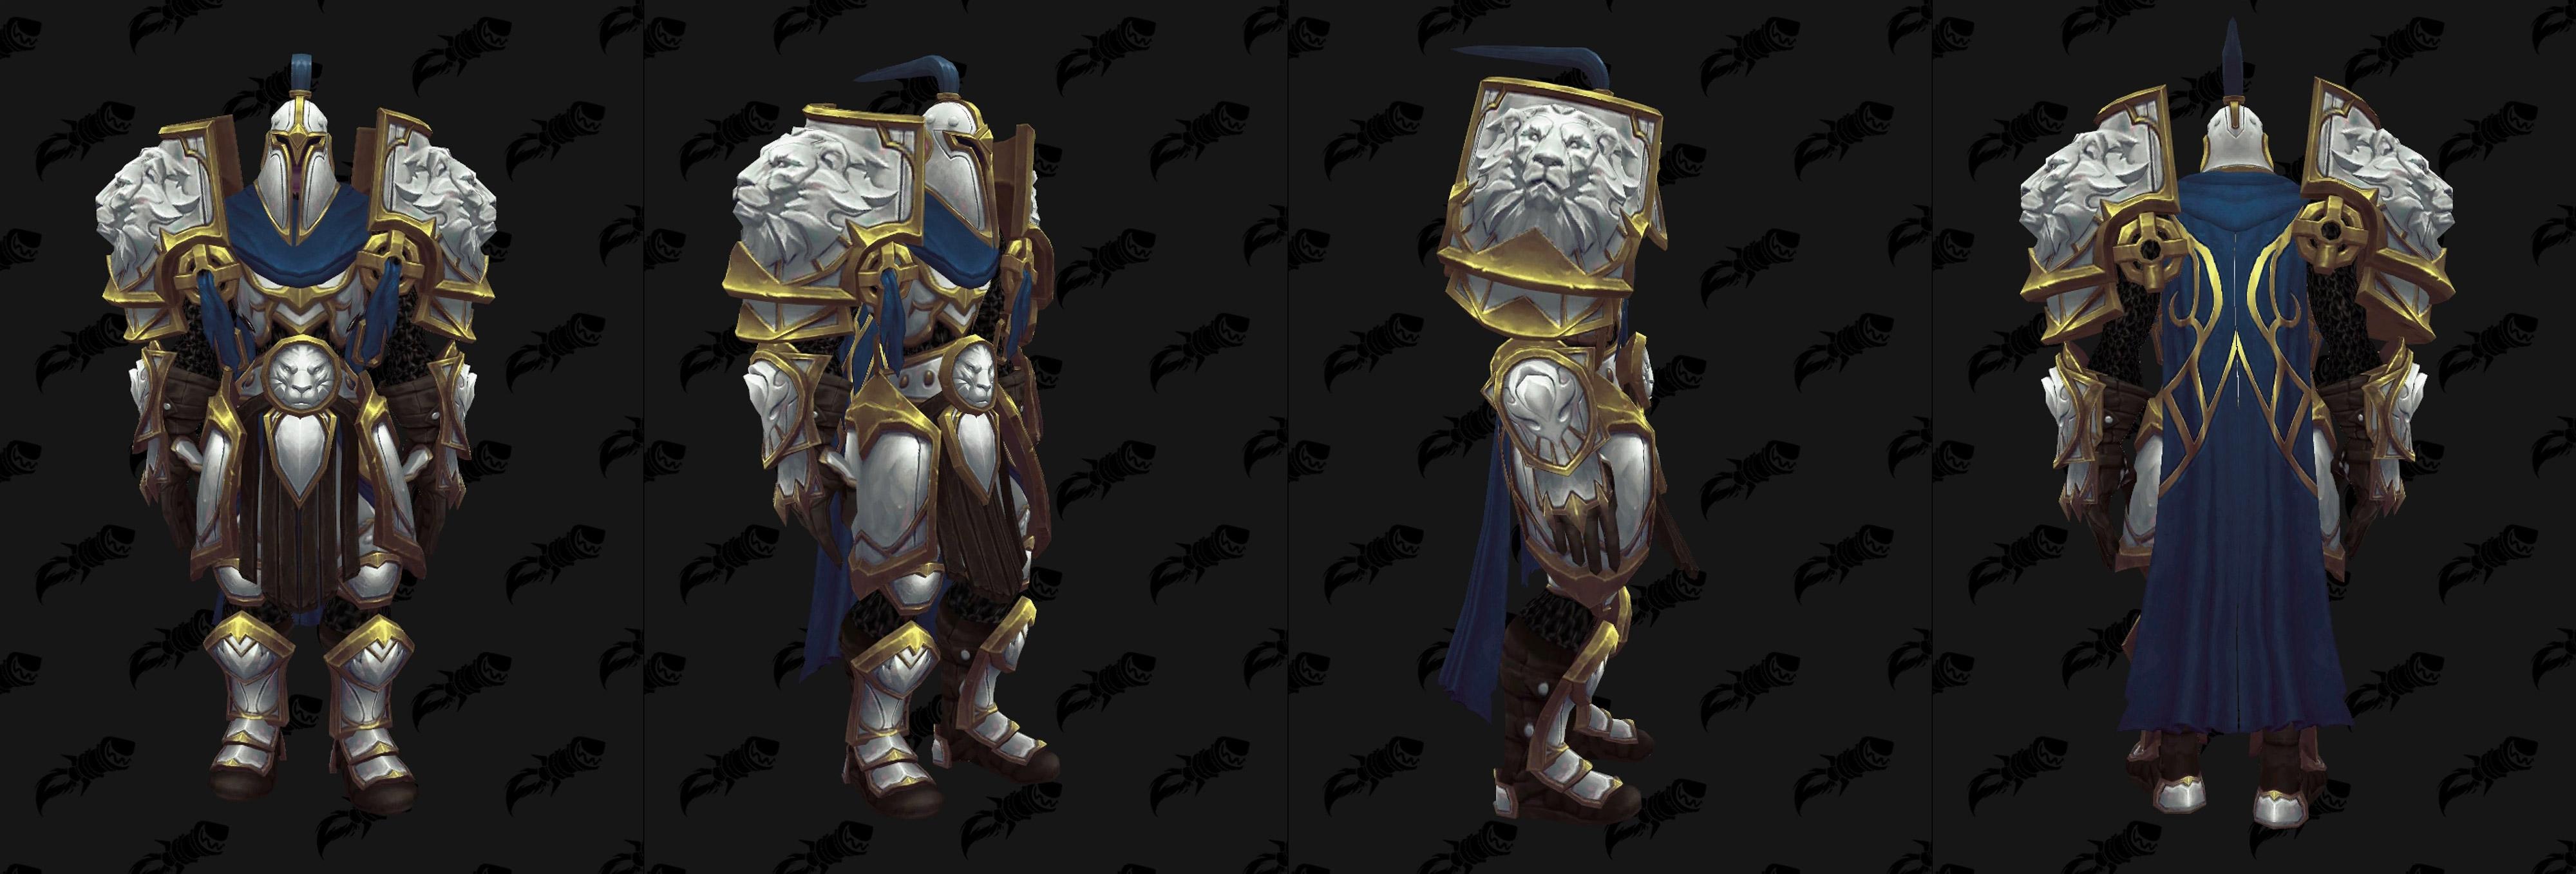 Armures plaques (Alliance) - Fronts de guerre Tier 3 - Coloris 2